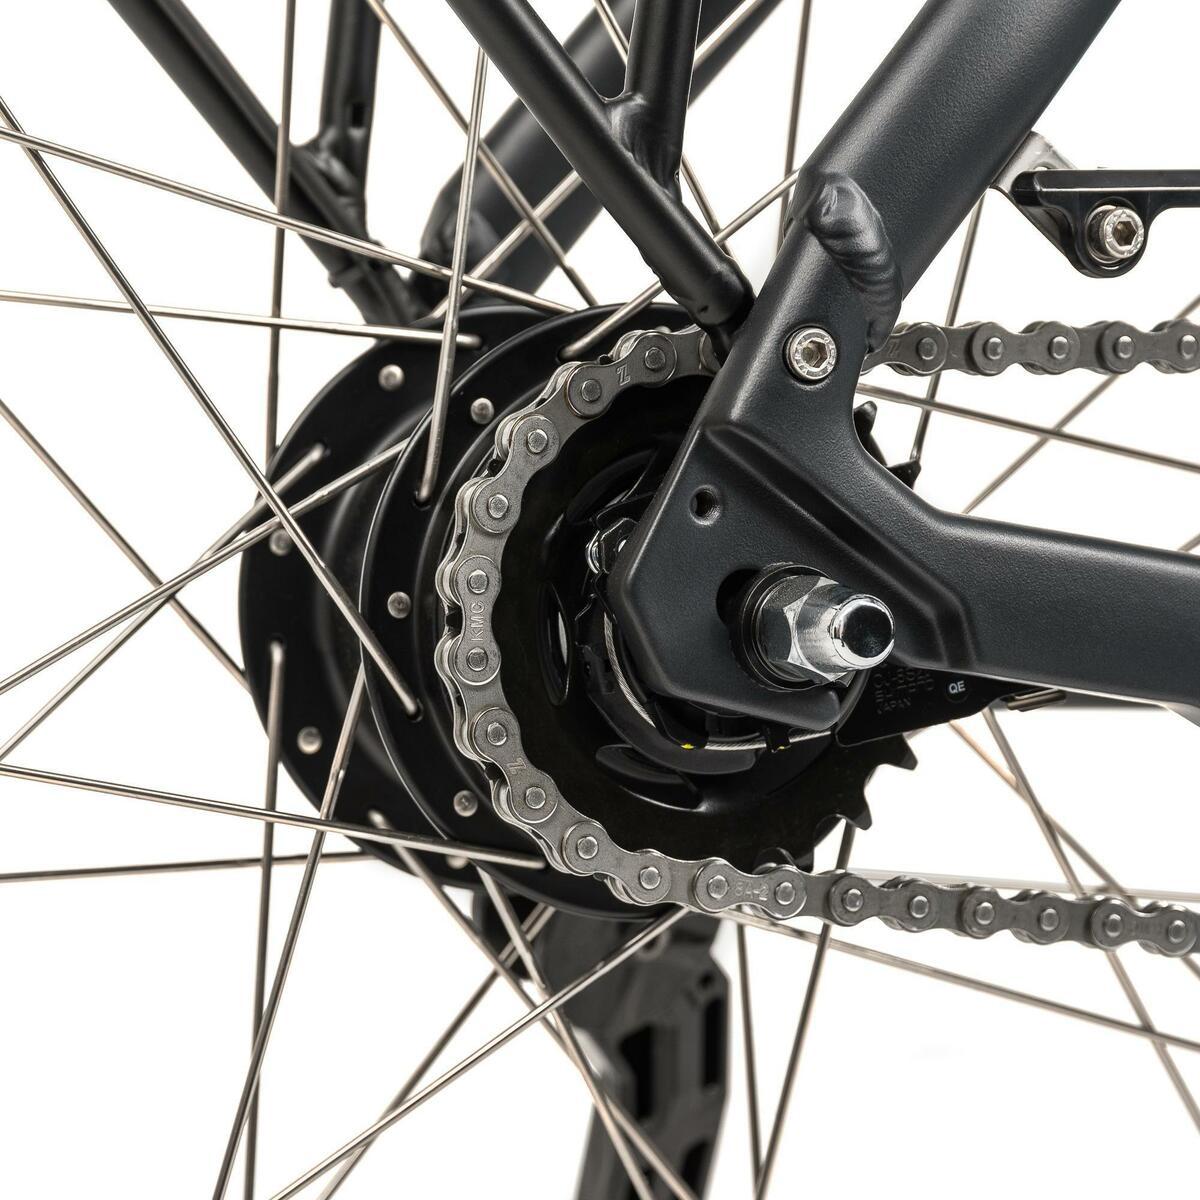 Bild 4 von E-Bike 28 Riverside City Nexus 8 Active Plus 400 Wh Rücktritt anthtrazit